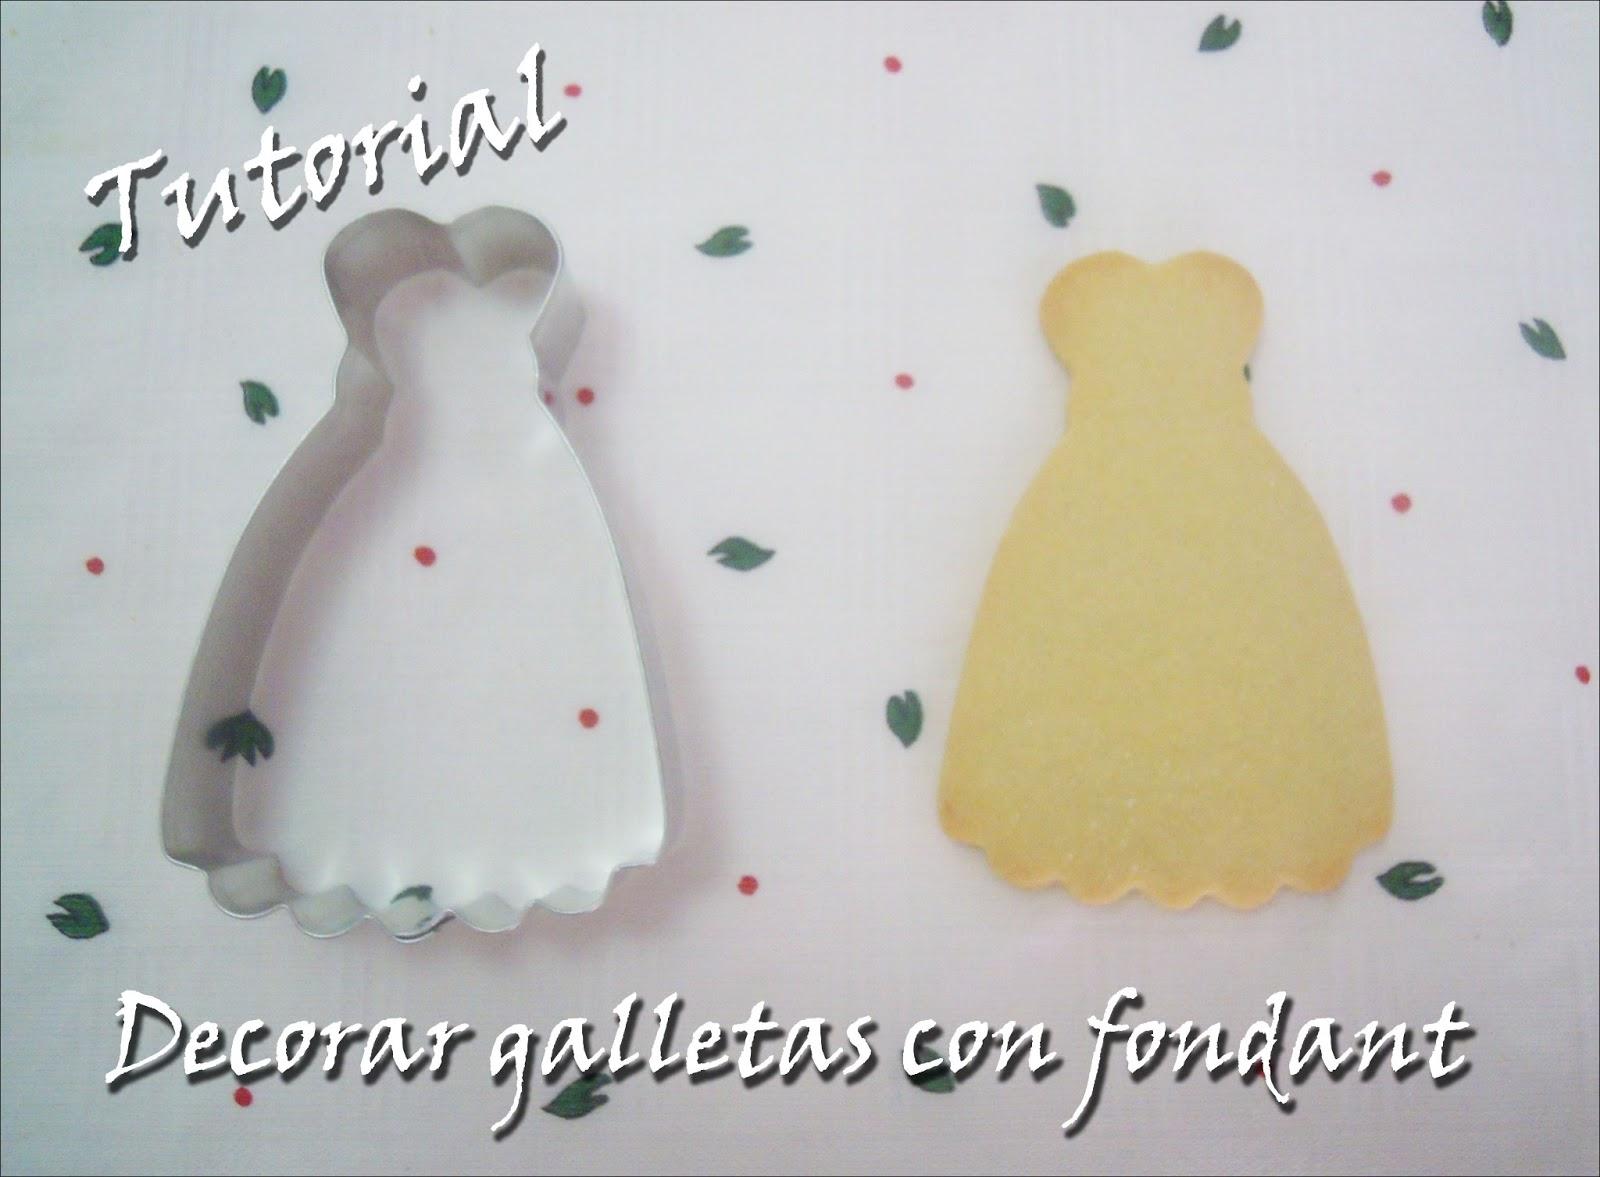 Galletas Decoradas Vestidos Fiesta Pjnterest